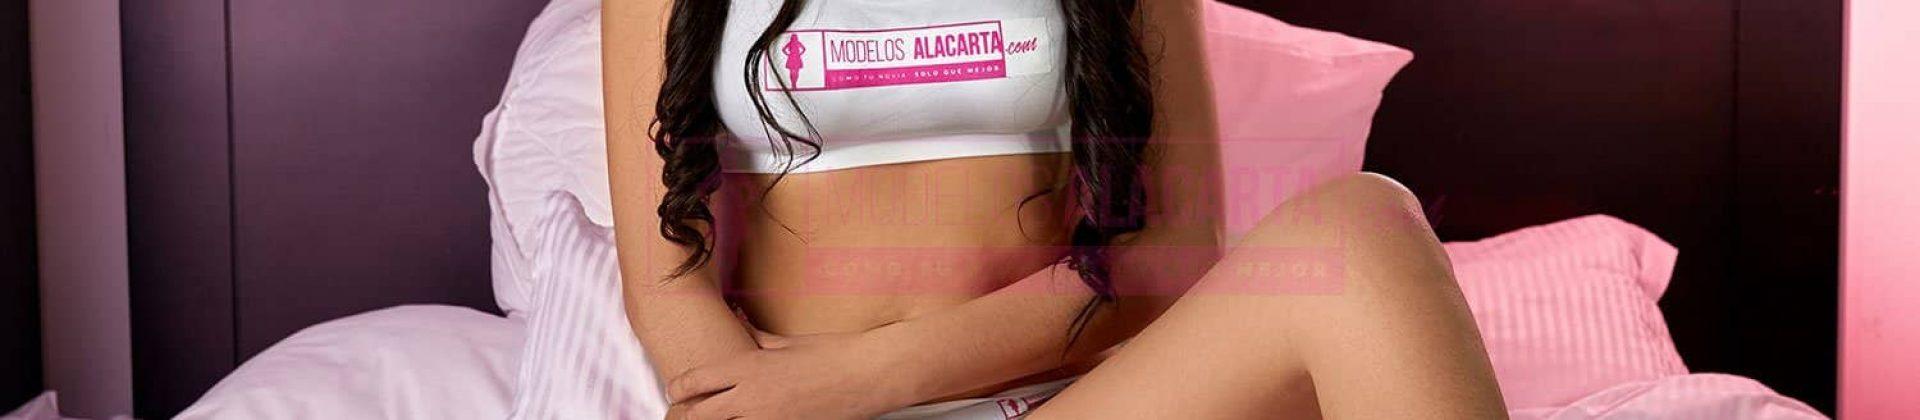 Andrea Pink - Universitaria Bogotana re linda!